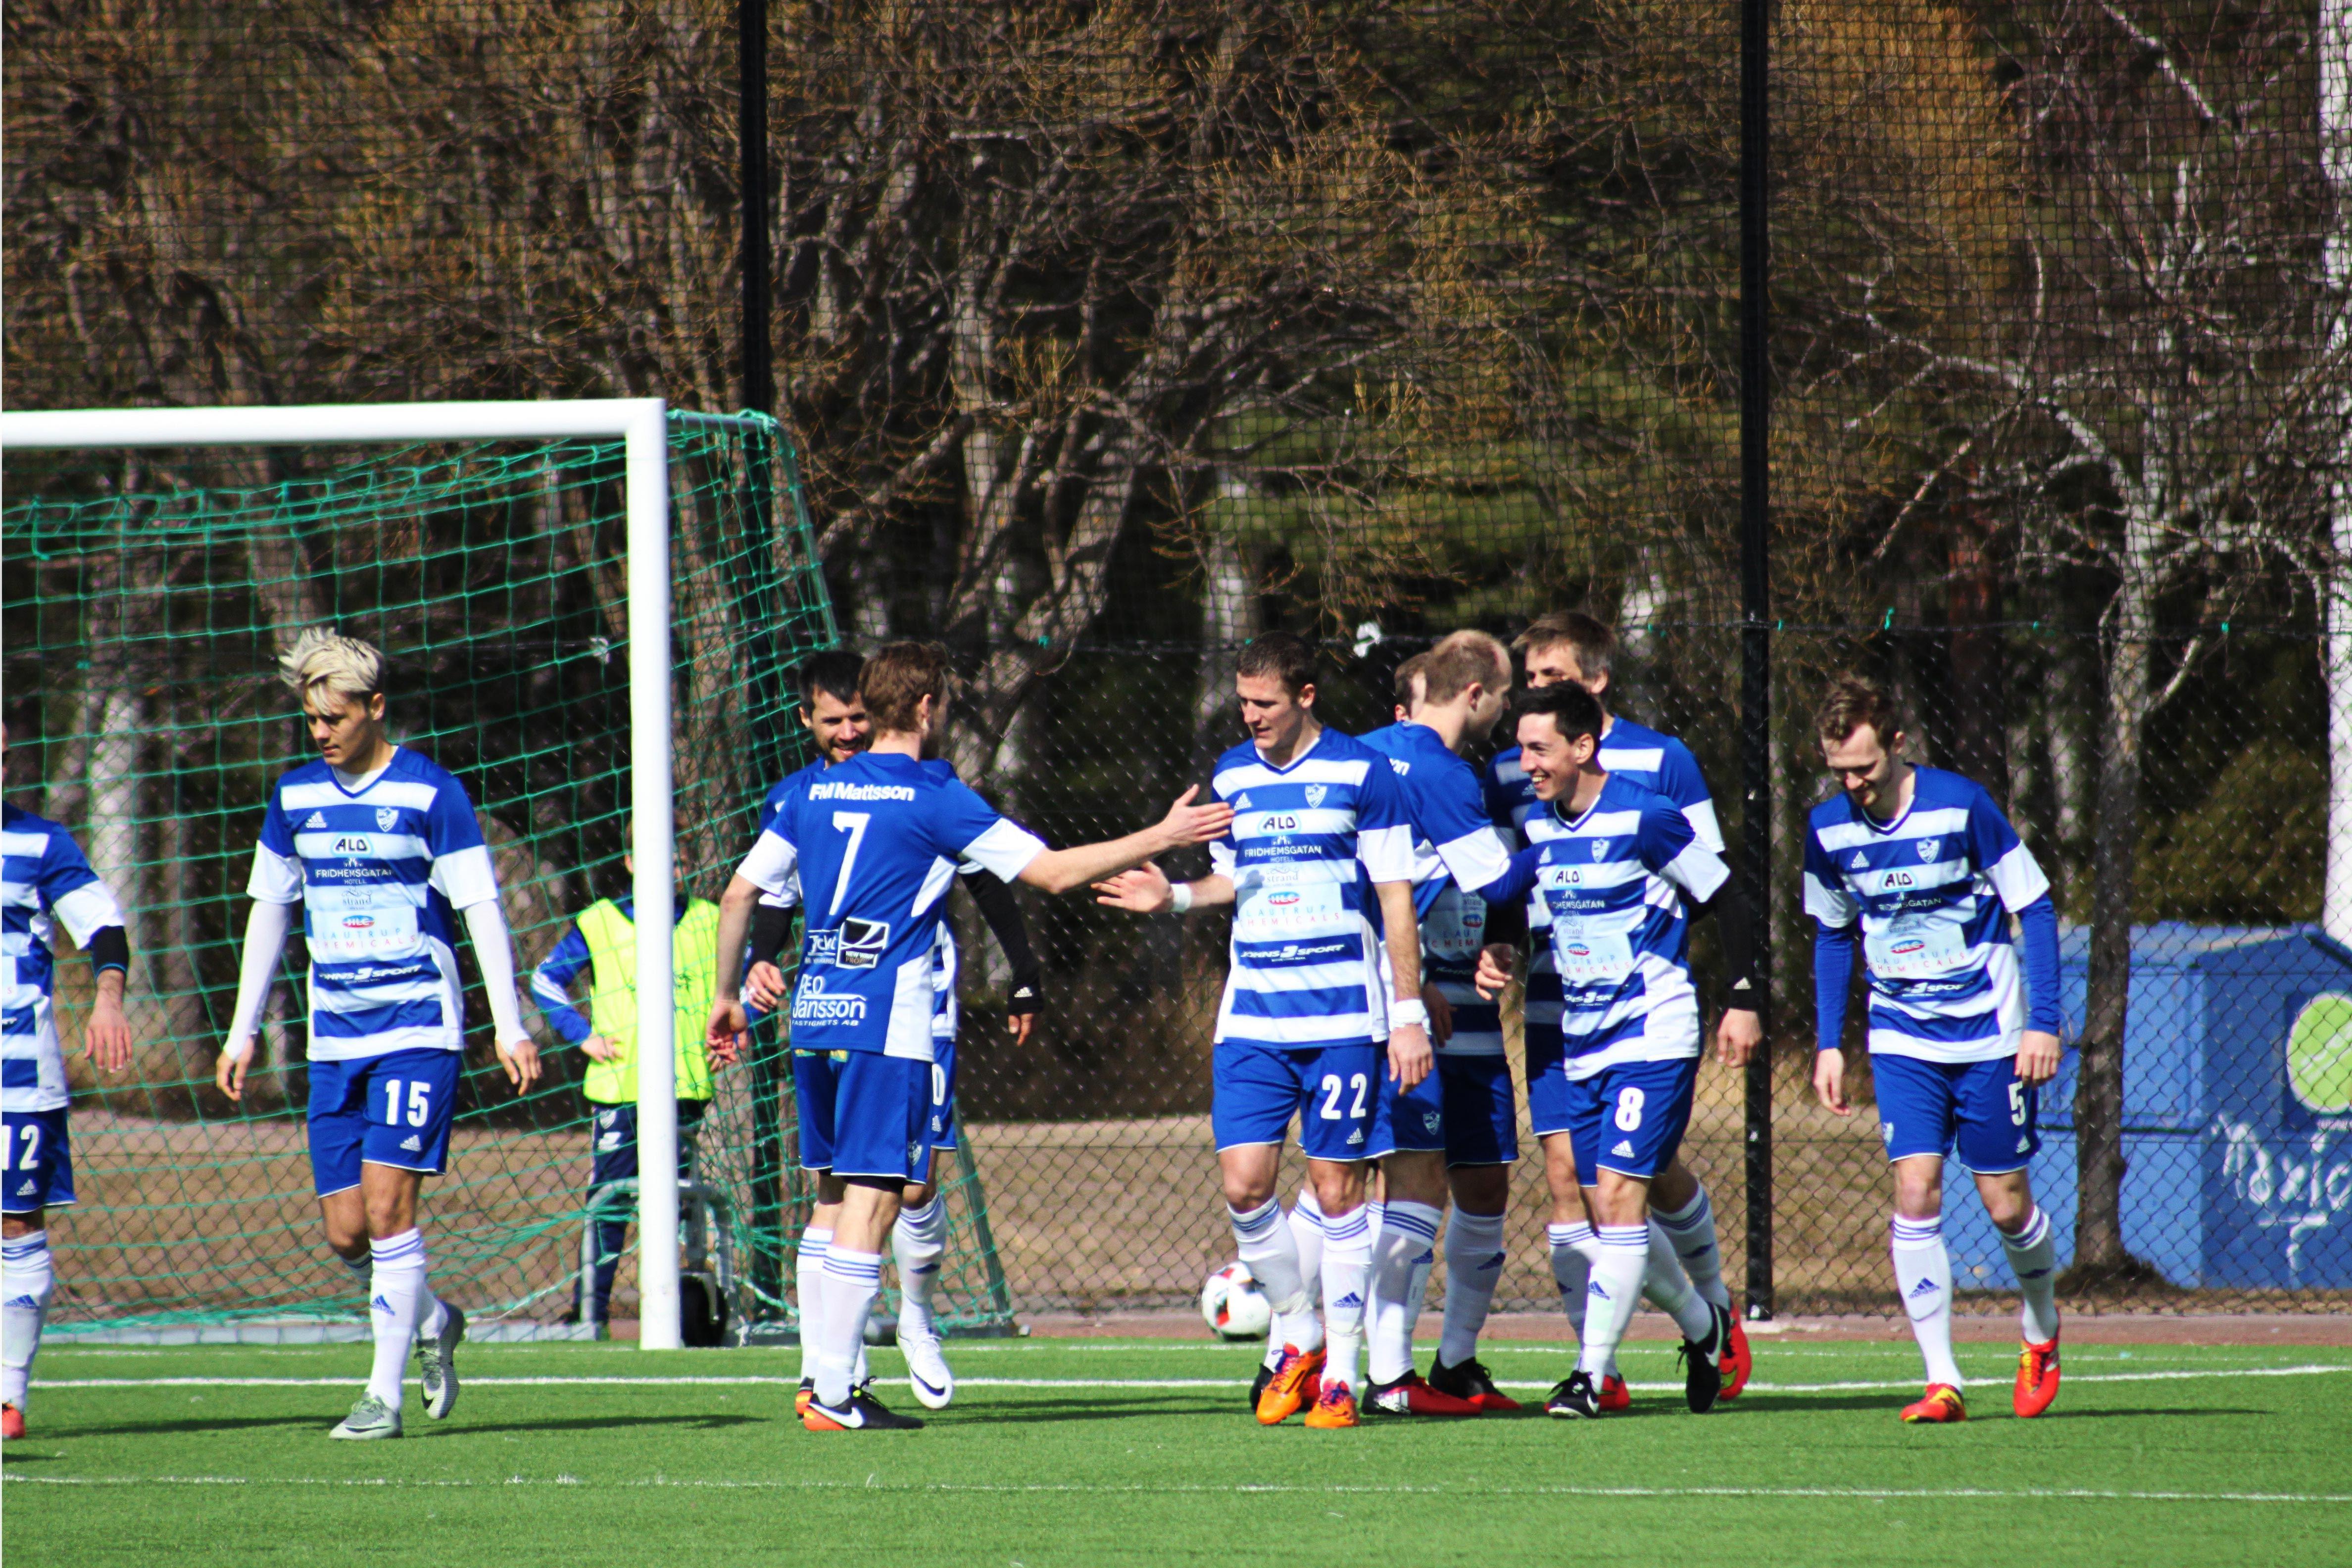 Fotboll herrar IFK Mora FK - Kvarnsvedens IK